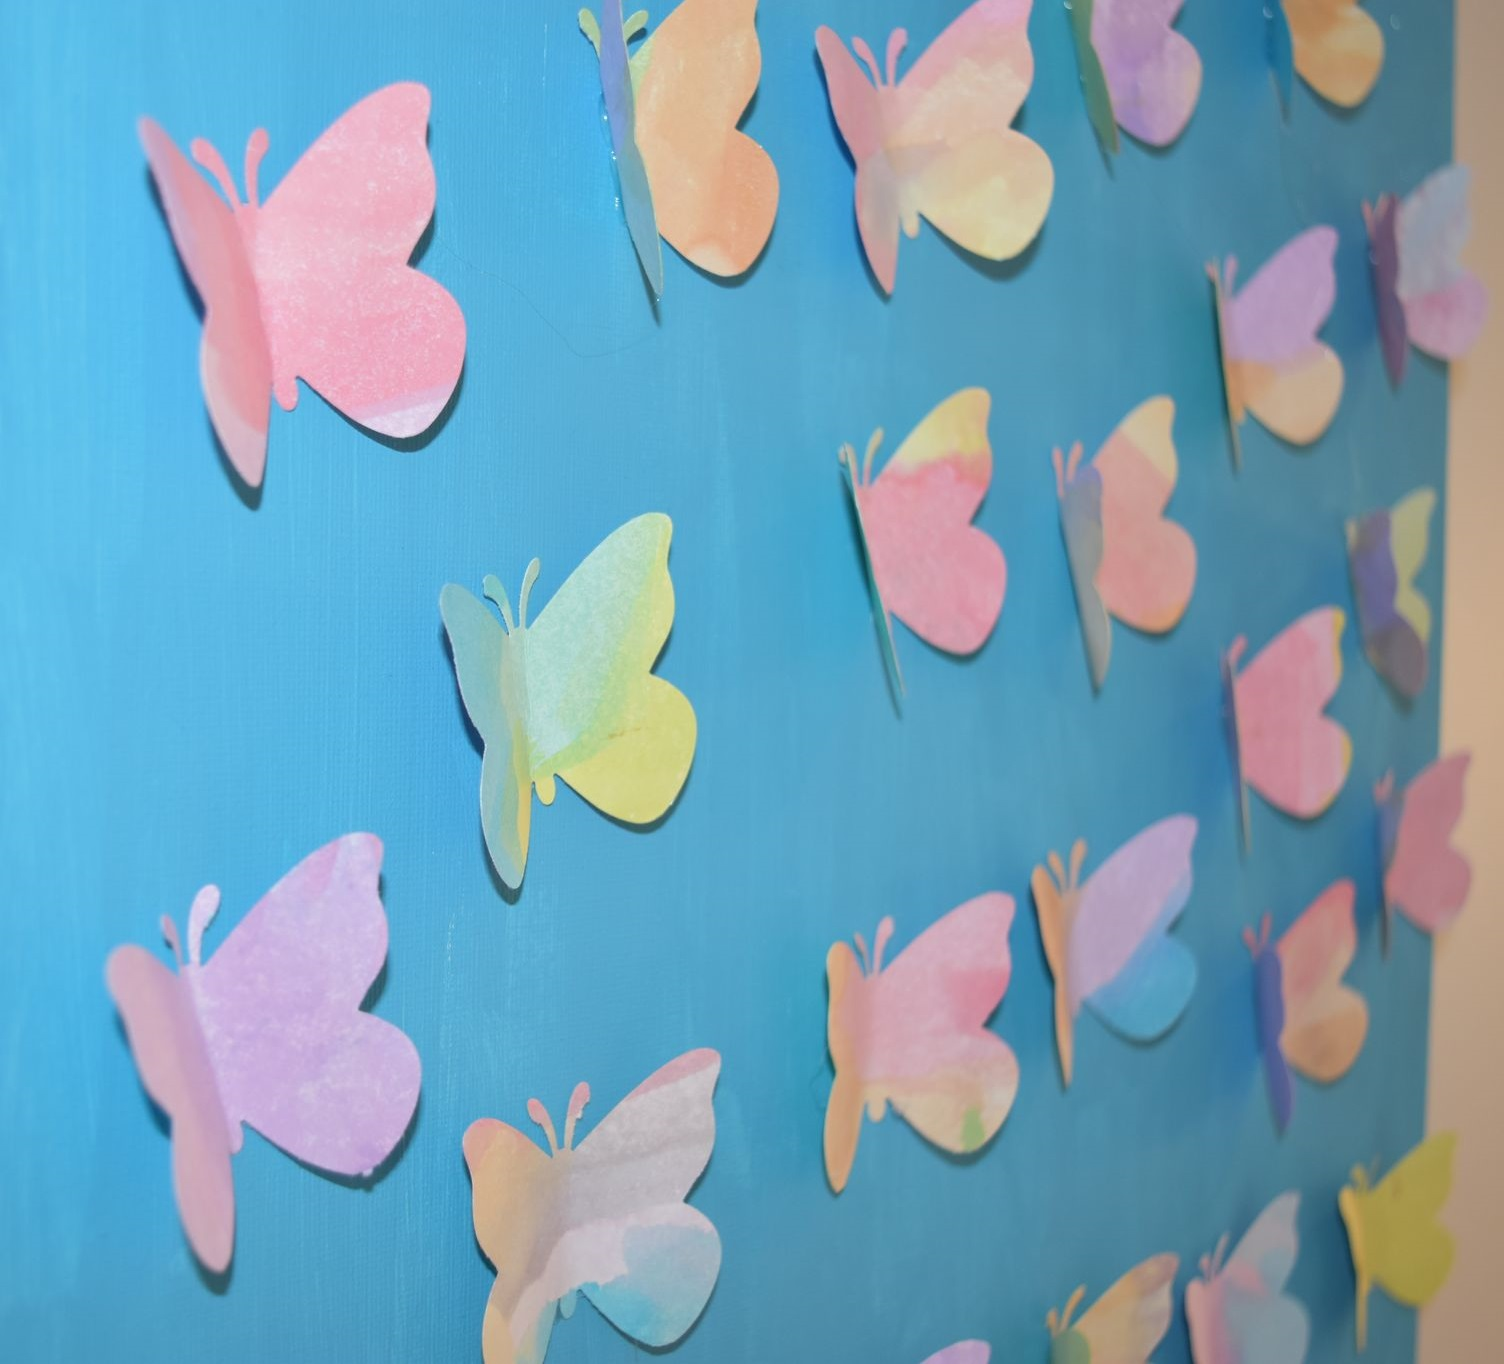 tableau-papillons-detail